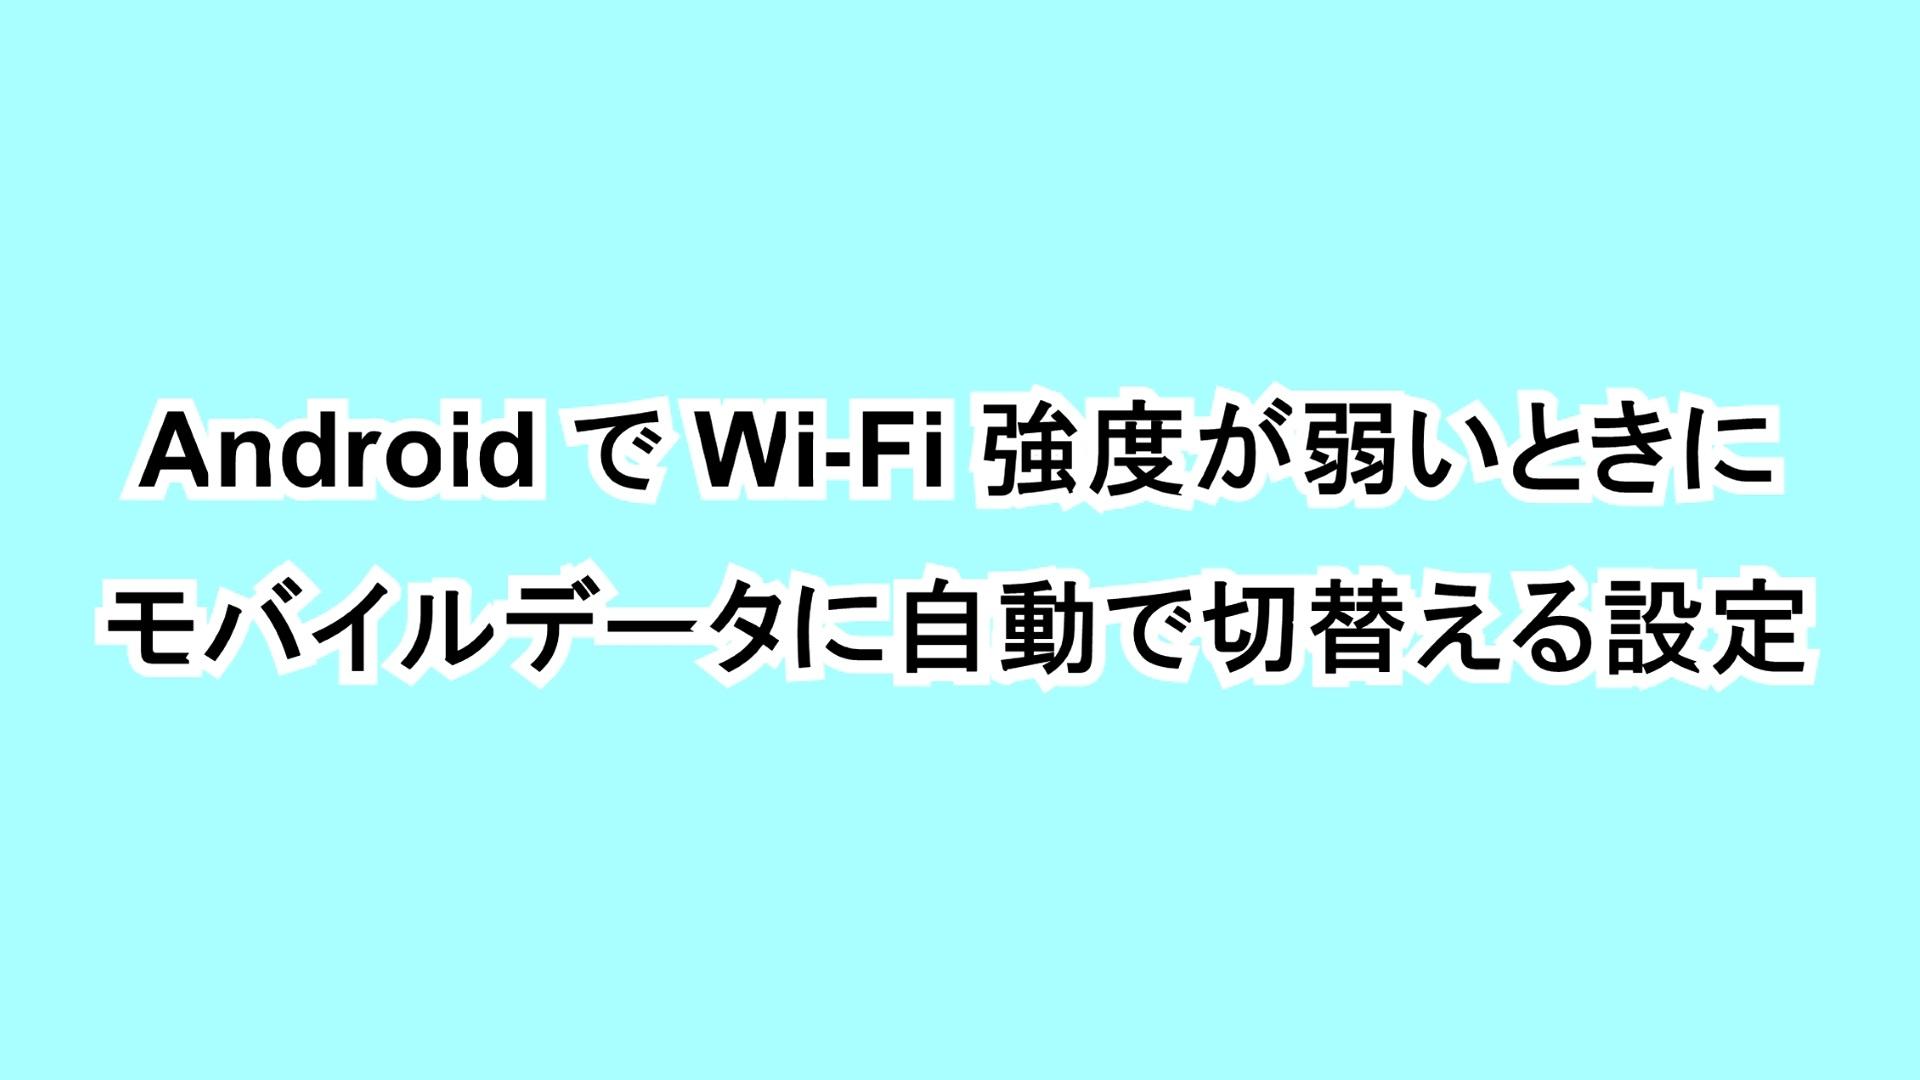 AndroidでWi-Fi強度が弱いときにモバイルデータに自動で切替える設定